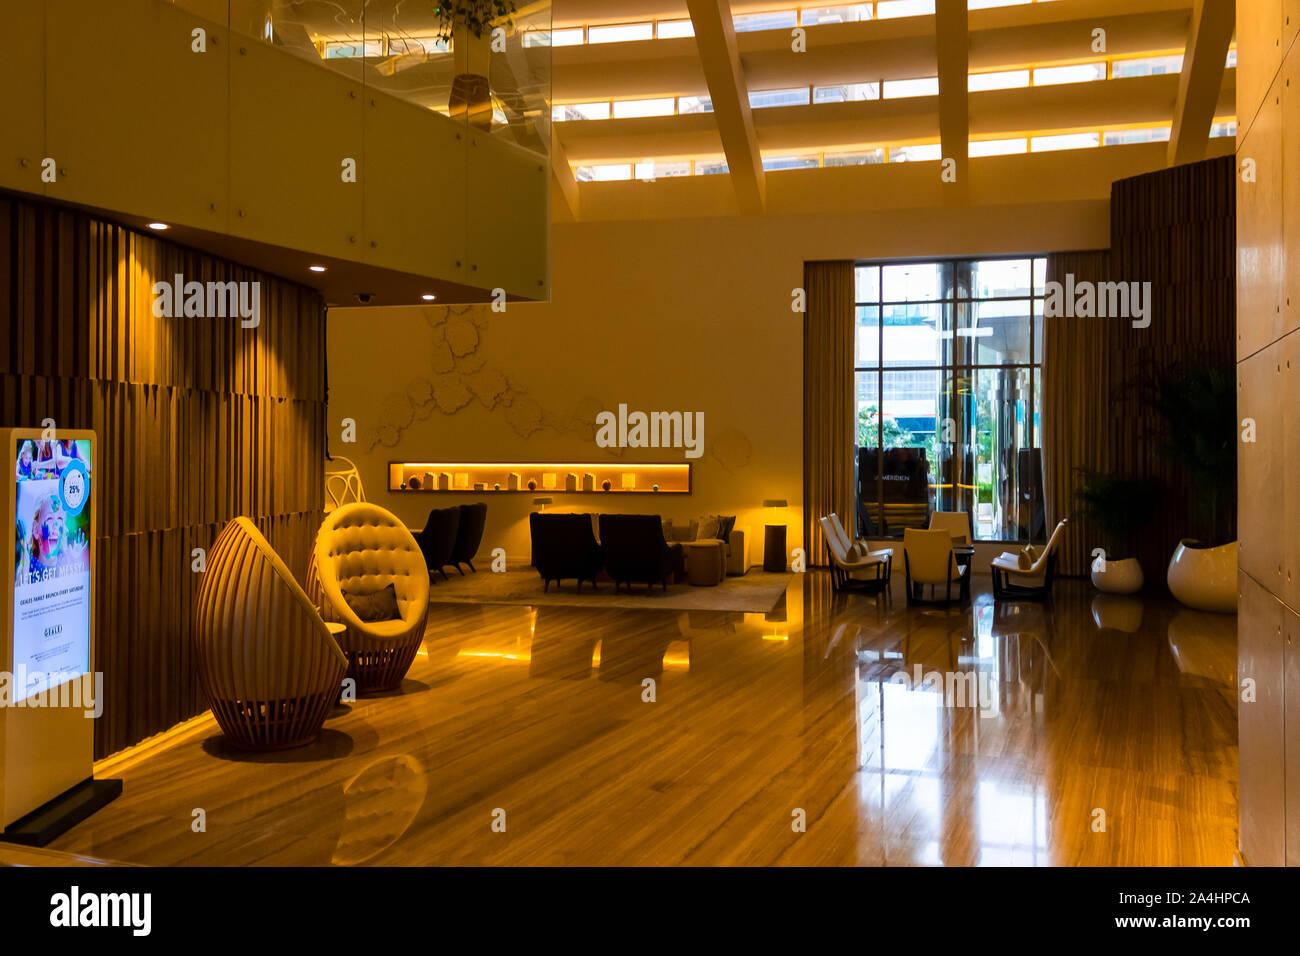 Dubai, Emiratos Árabes Unidos - Diciembre 2, 2018: Elementos de diseño interior moderno y arquitectura del hotel Le Royal Meridien Beach Resort & Spa. Foto de stock